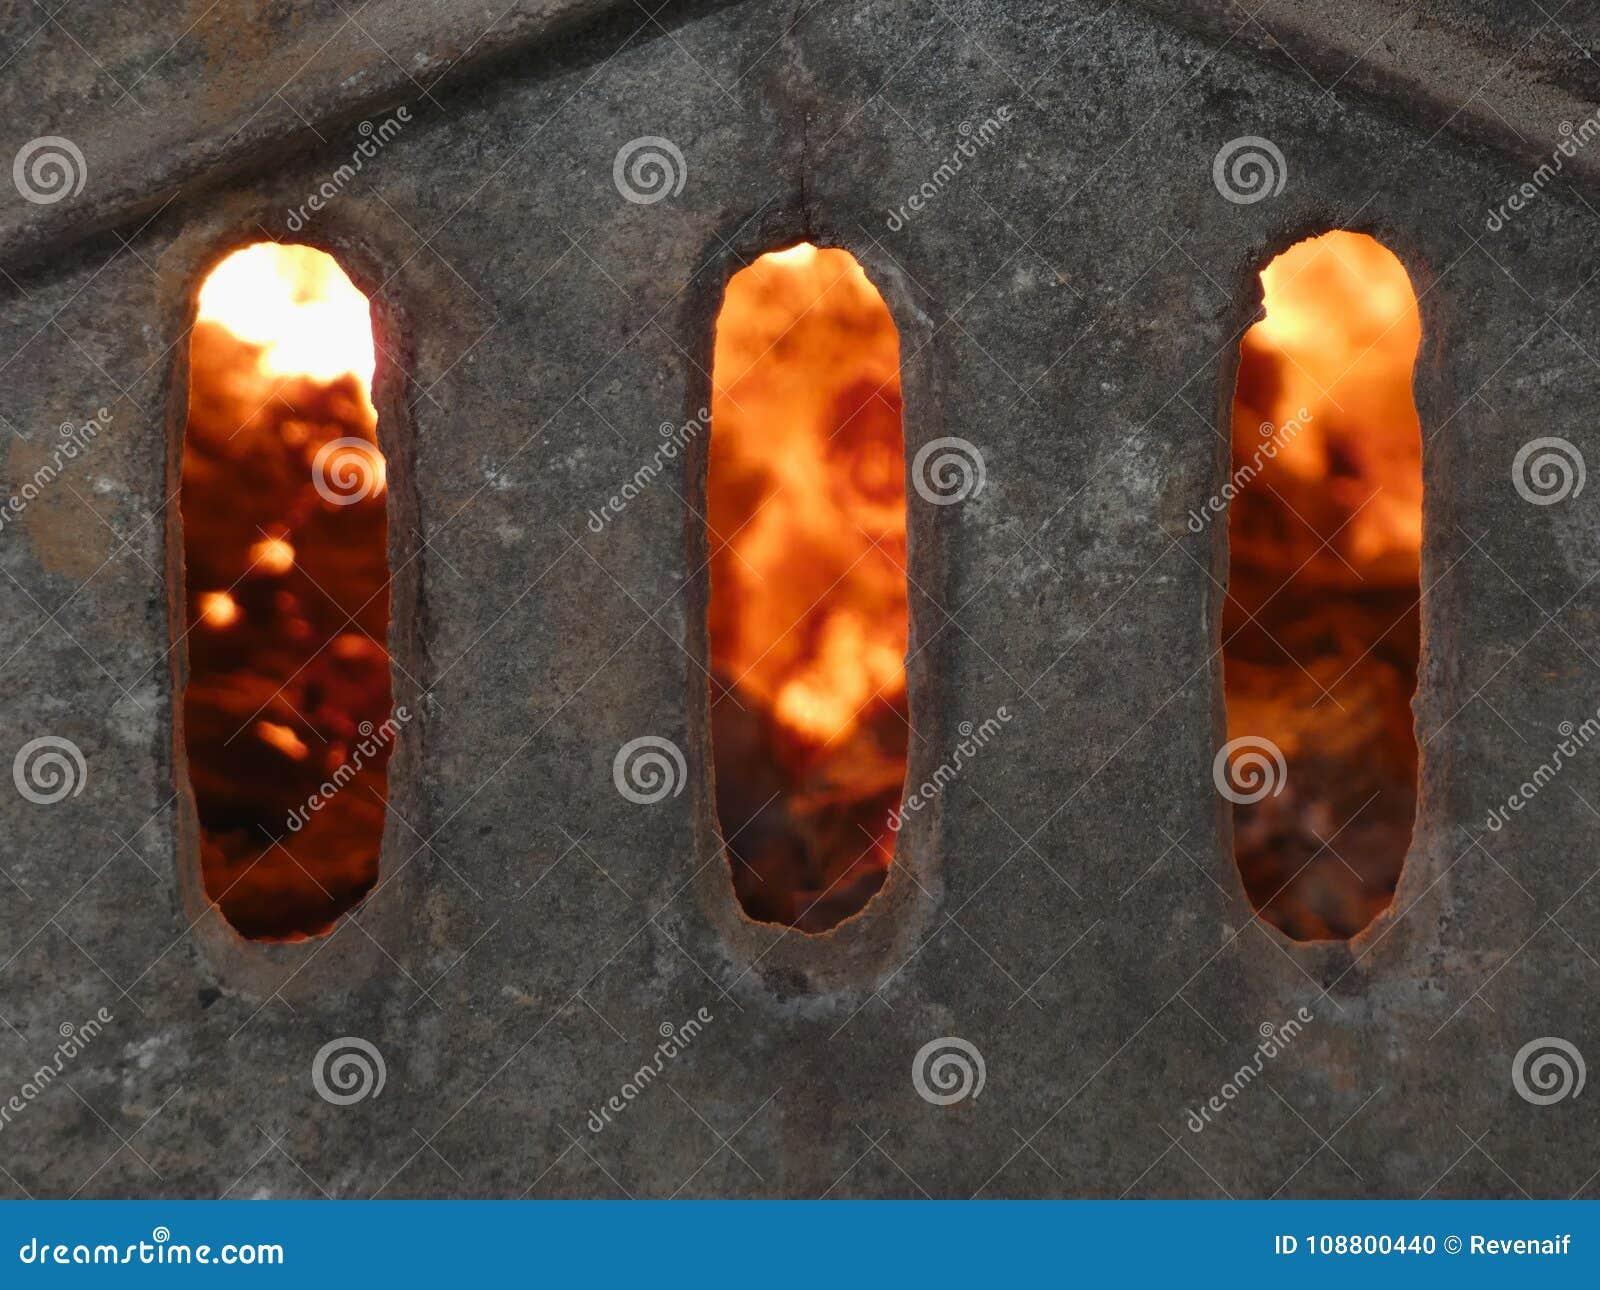 Puertas del infierno - chimenea de la estufa tejada